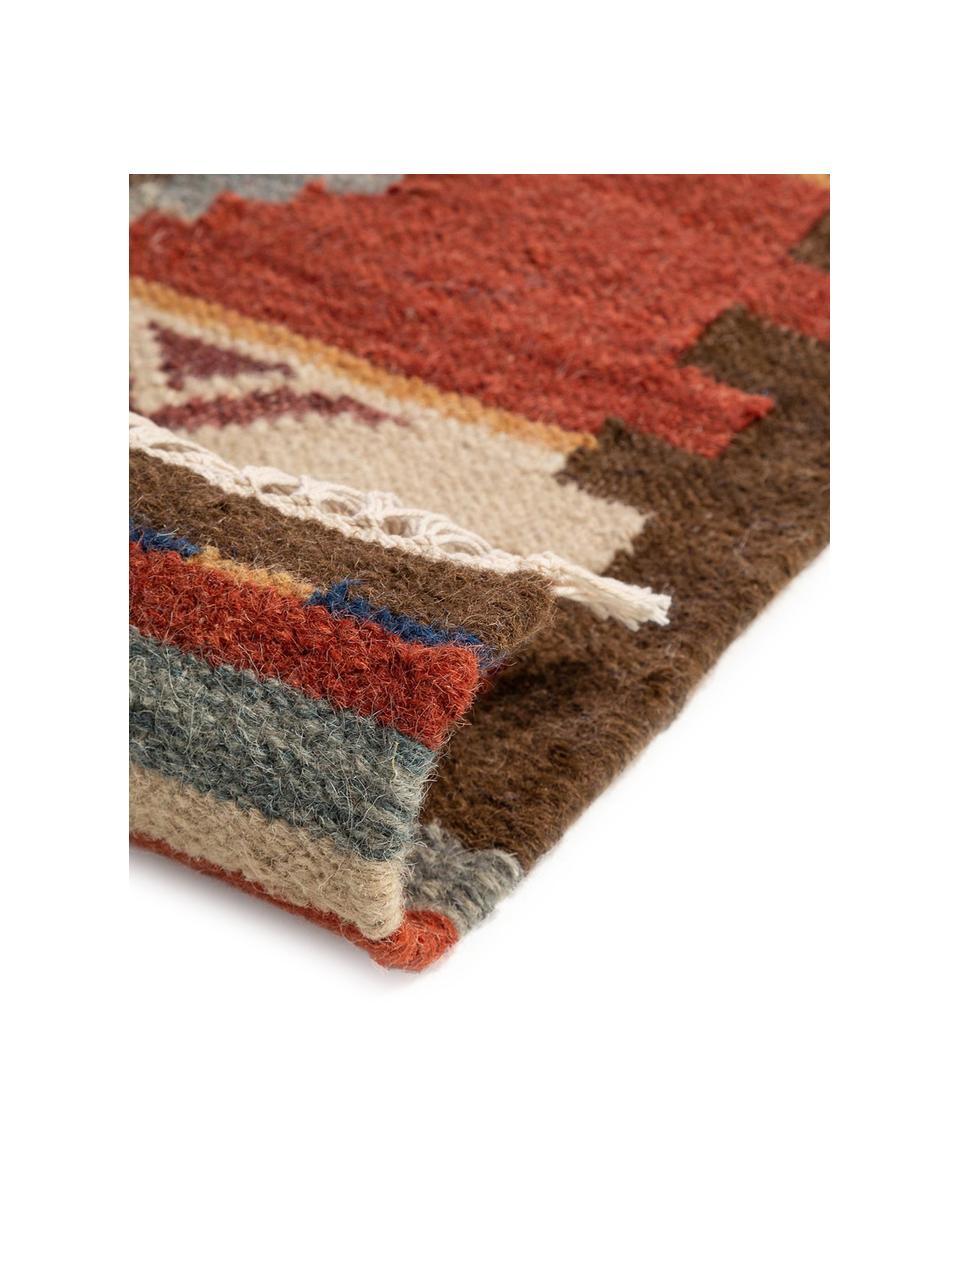 Handgewebter Kelimteppich Zohra aus Wolle, Flor: 90% Wolle, 10% Baumwolle, Rot, Mehrfarbig, B 200 x L 300 cm (Größe L)